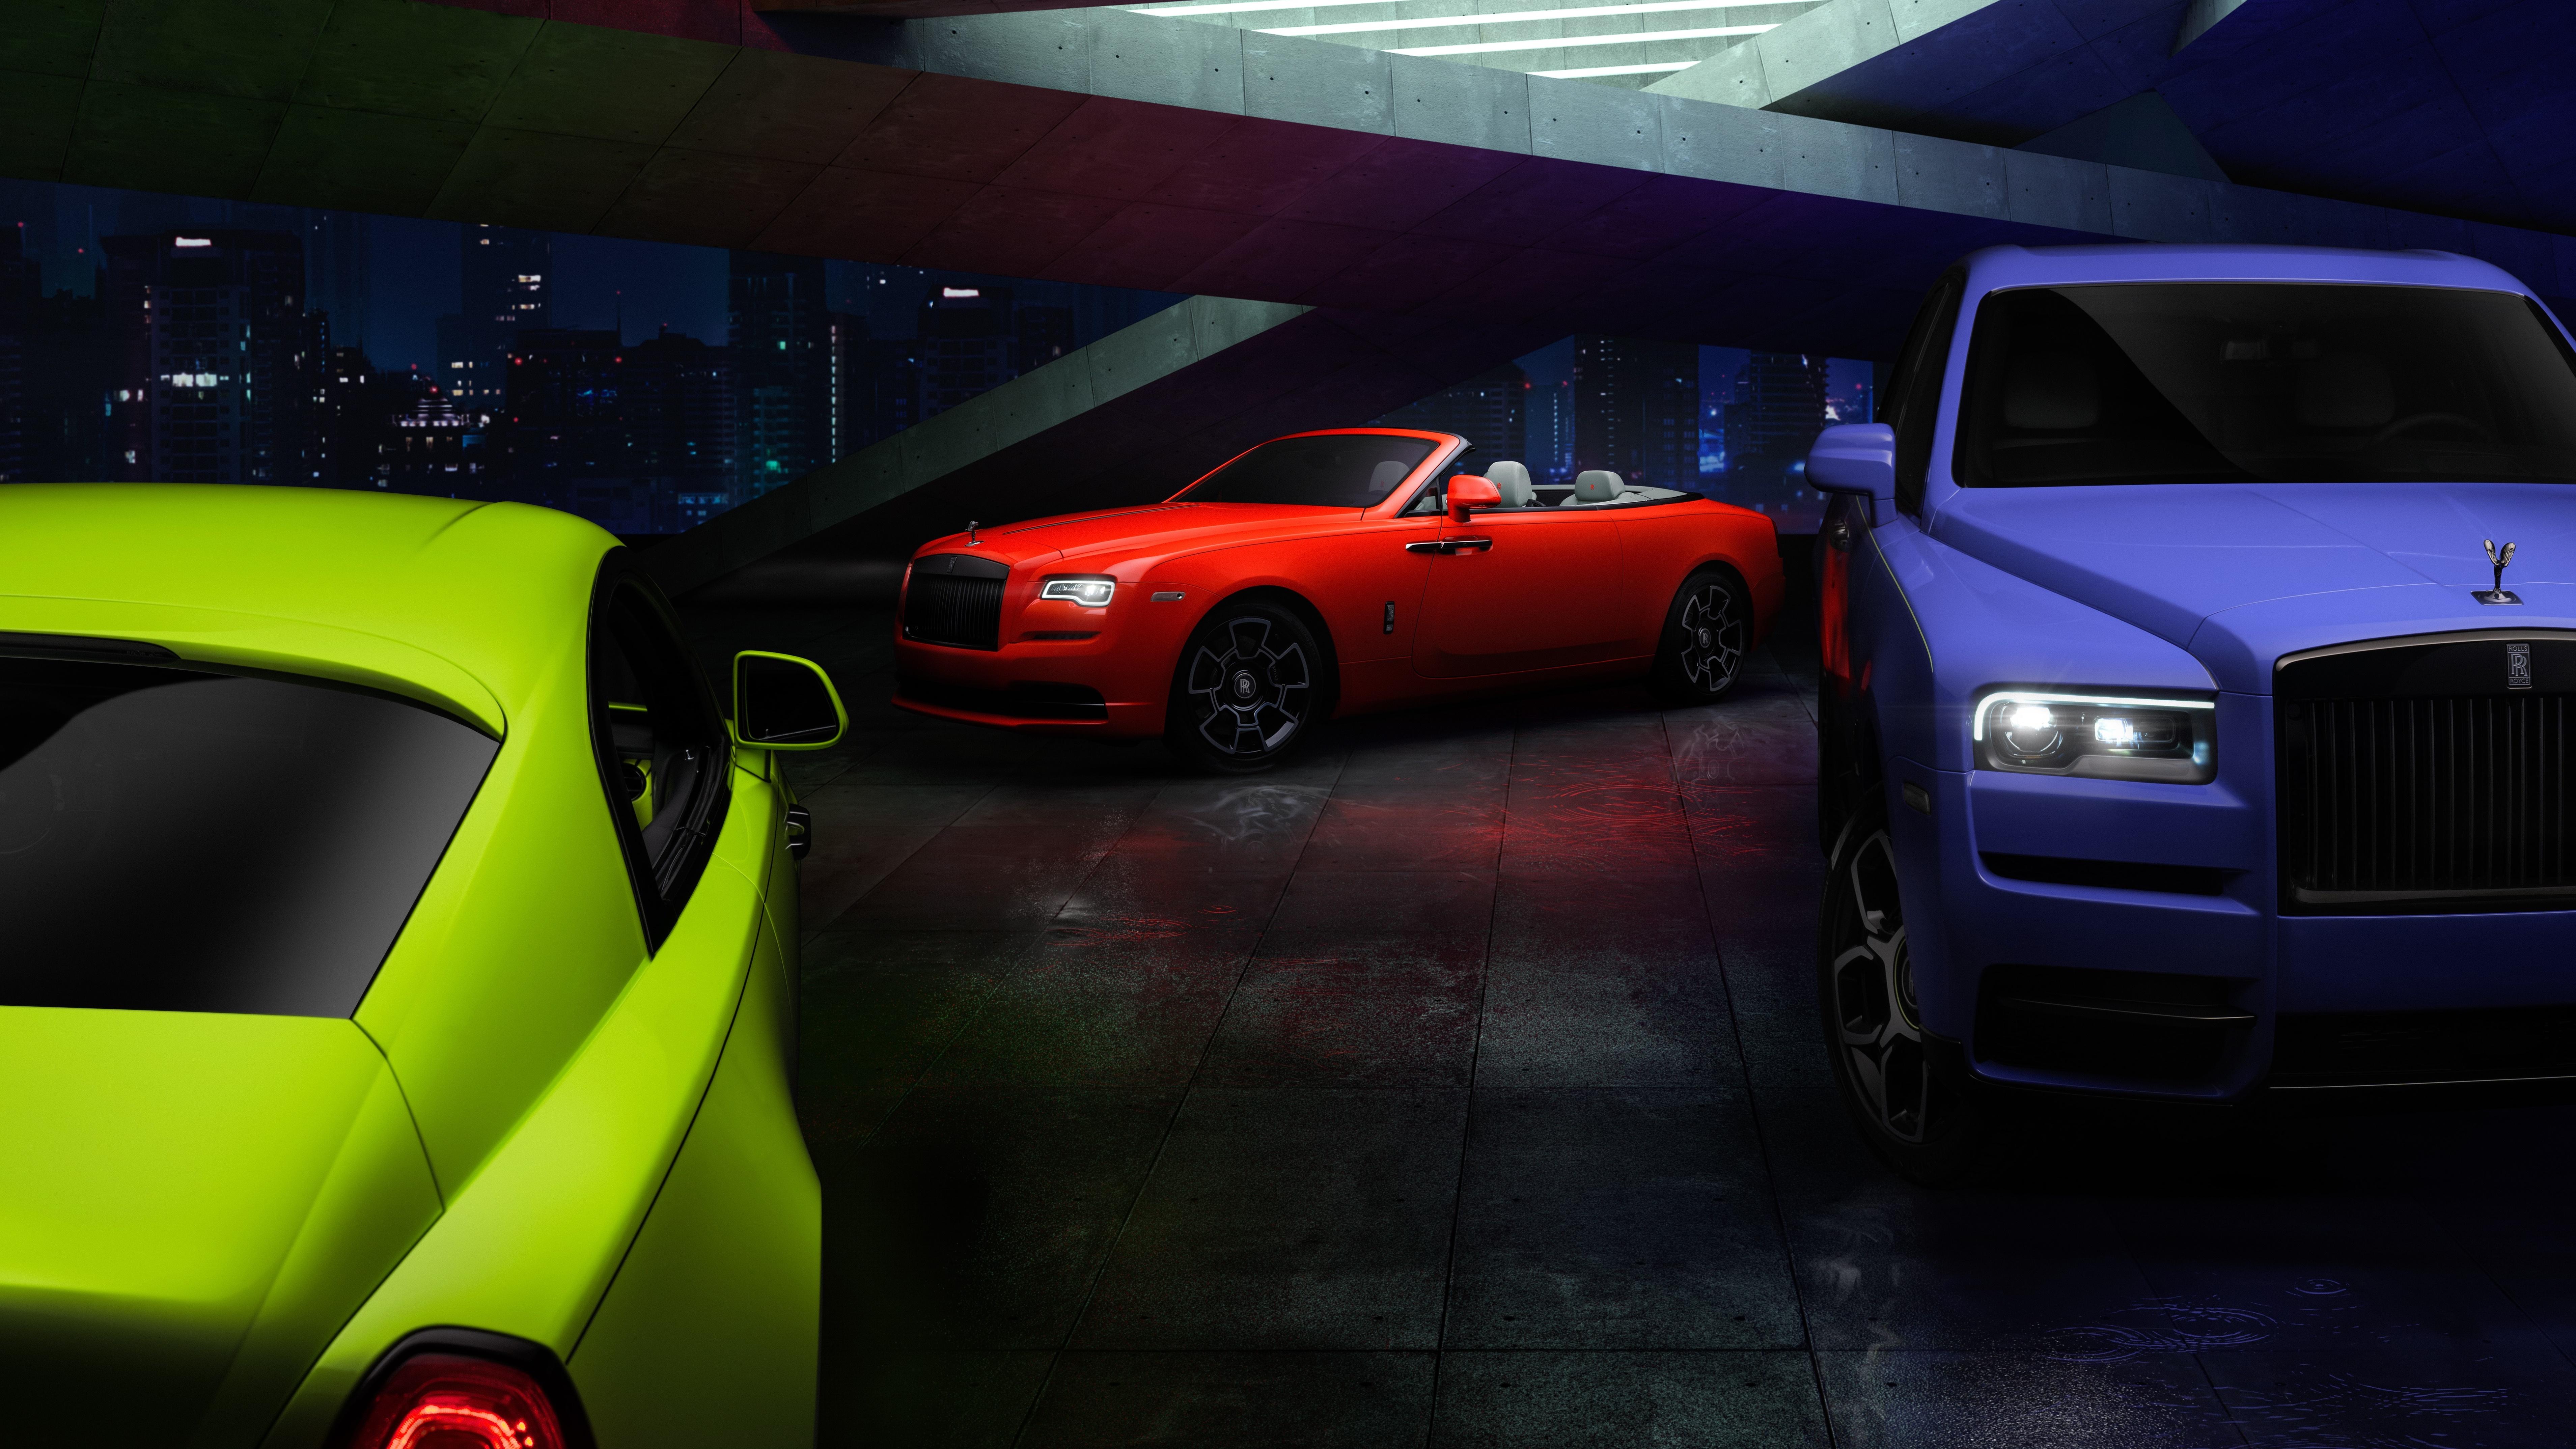 رولز-رويس تضفي ألواناً جريئةعلى سيارات بلاك بادج